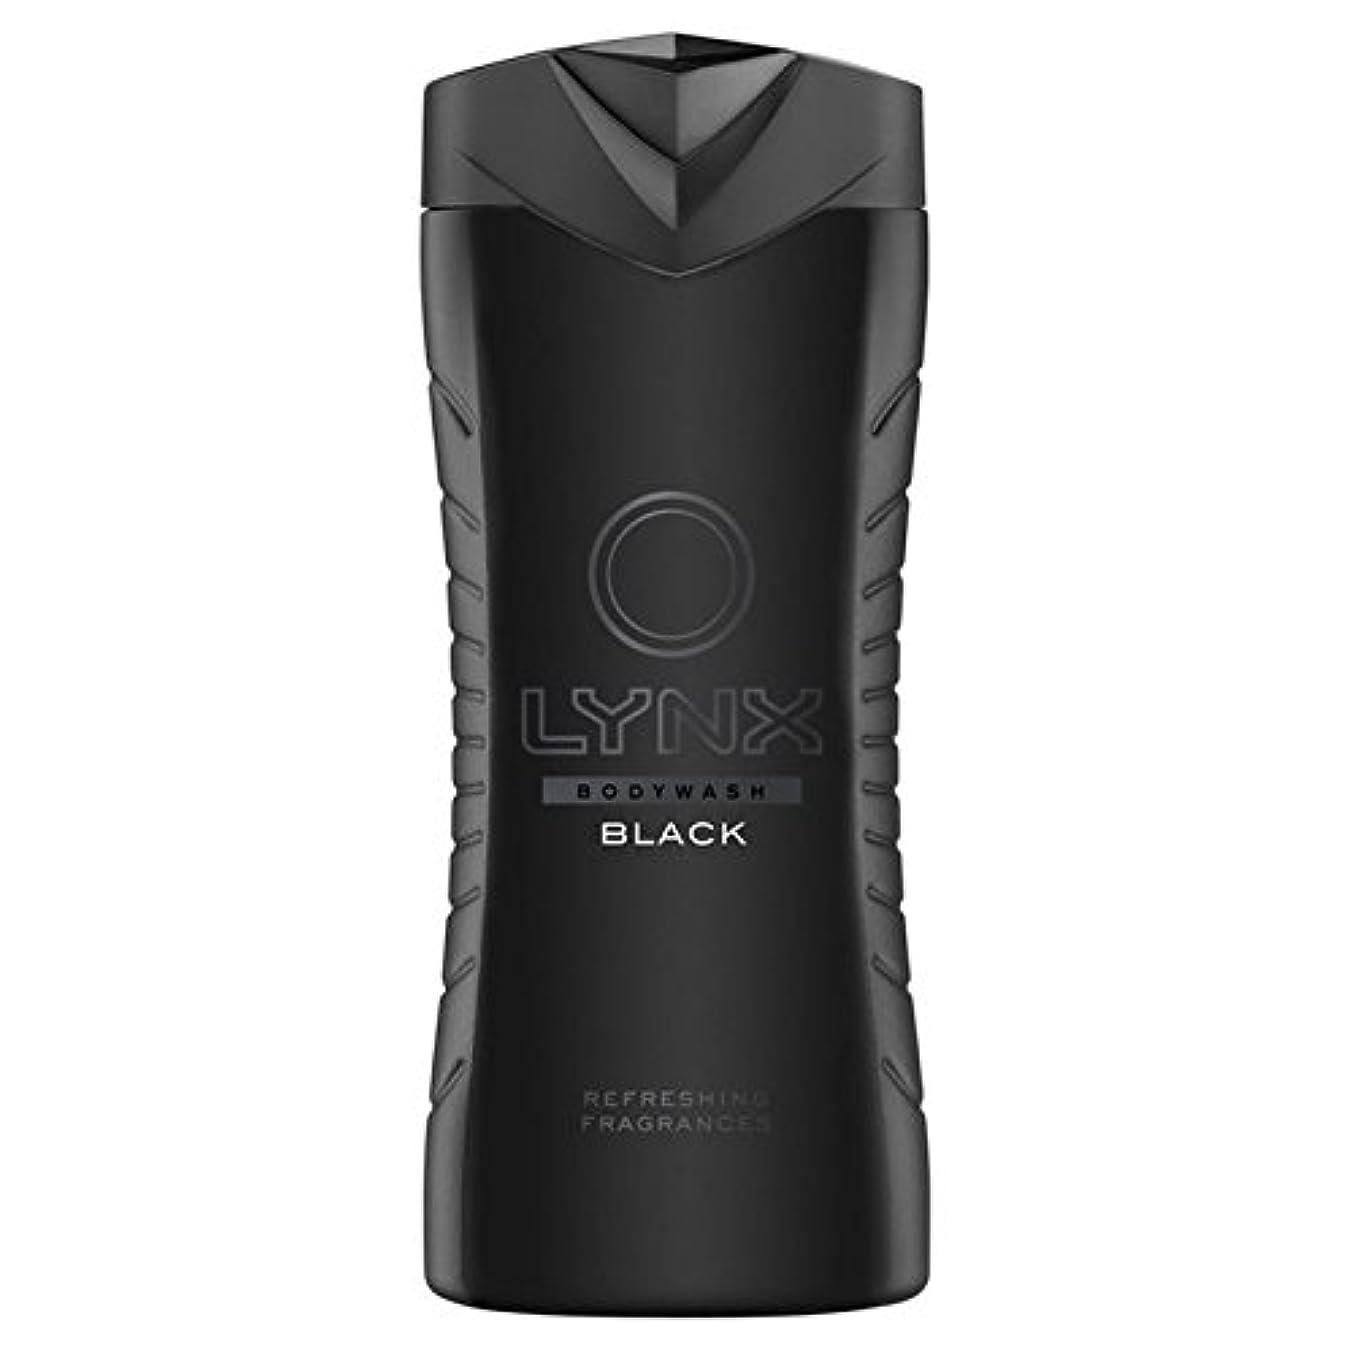 ヒール甘いシビックLynx Black Shower Gel 400ml (Pack of 6) - オオヤマネコブラックシャワージェル400ミリリットル x6 [並行輸入品]